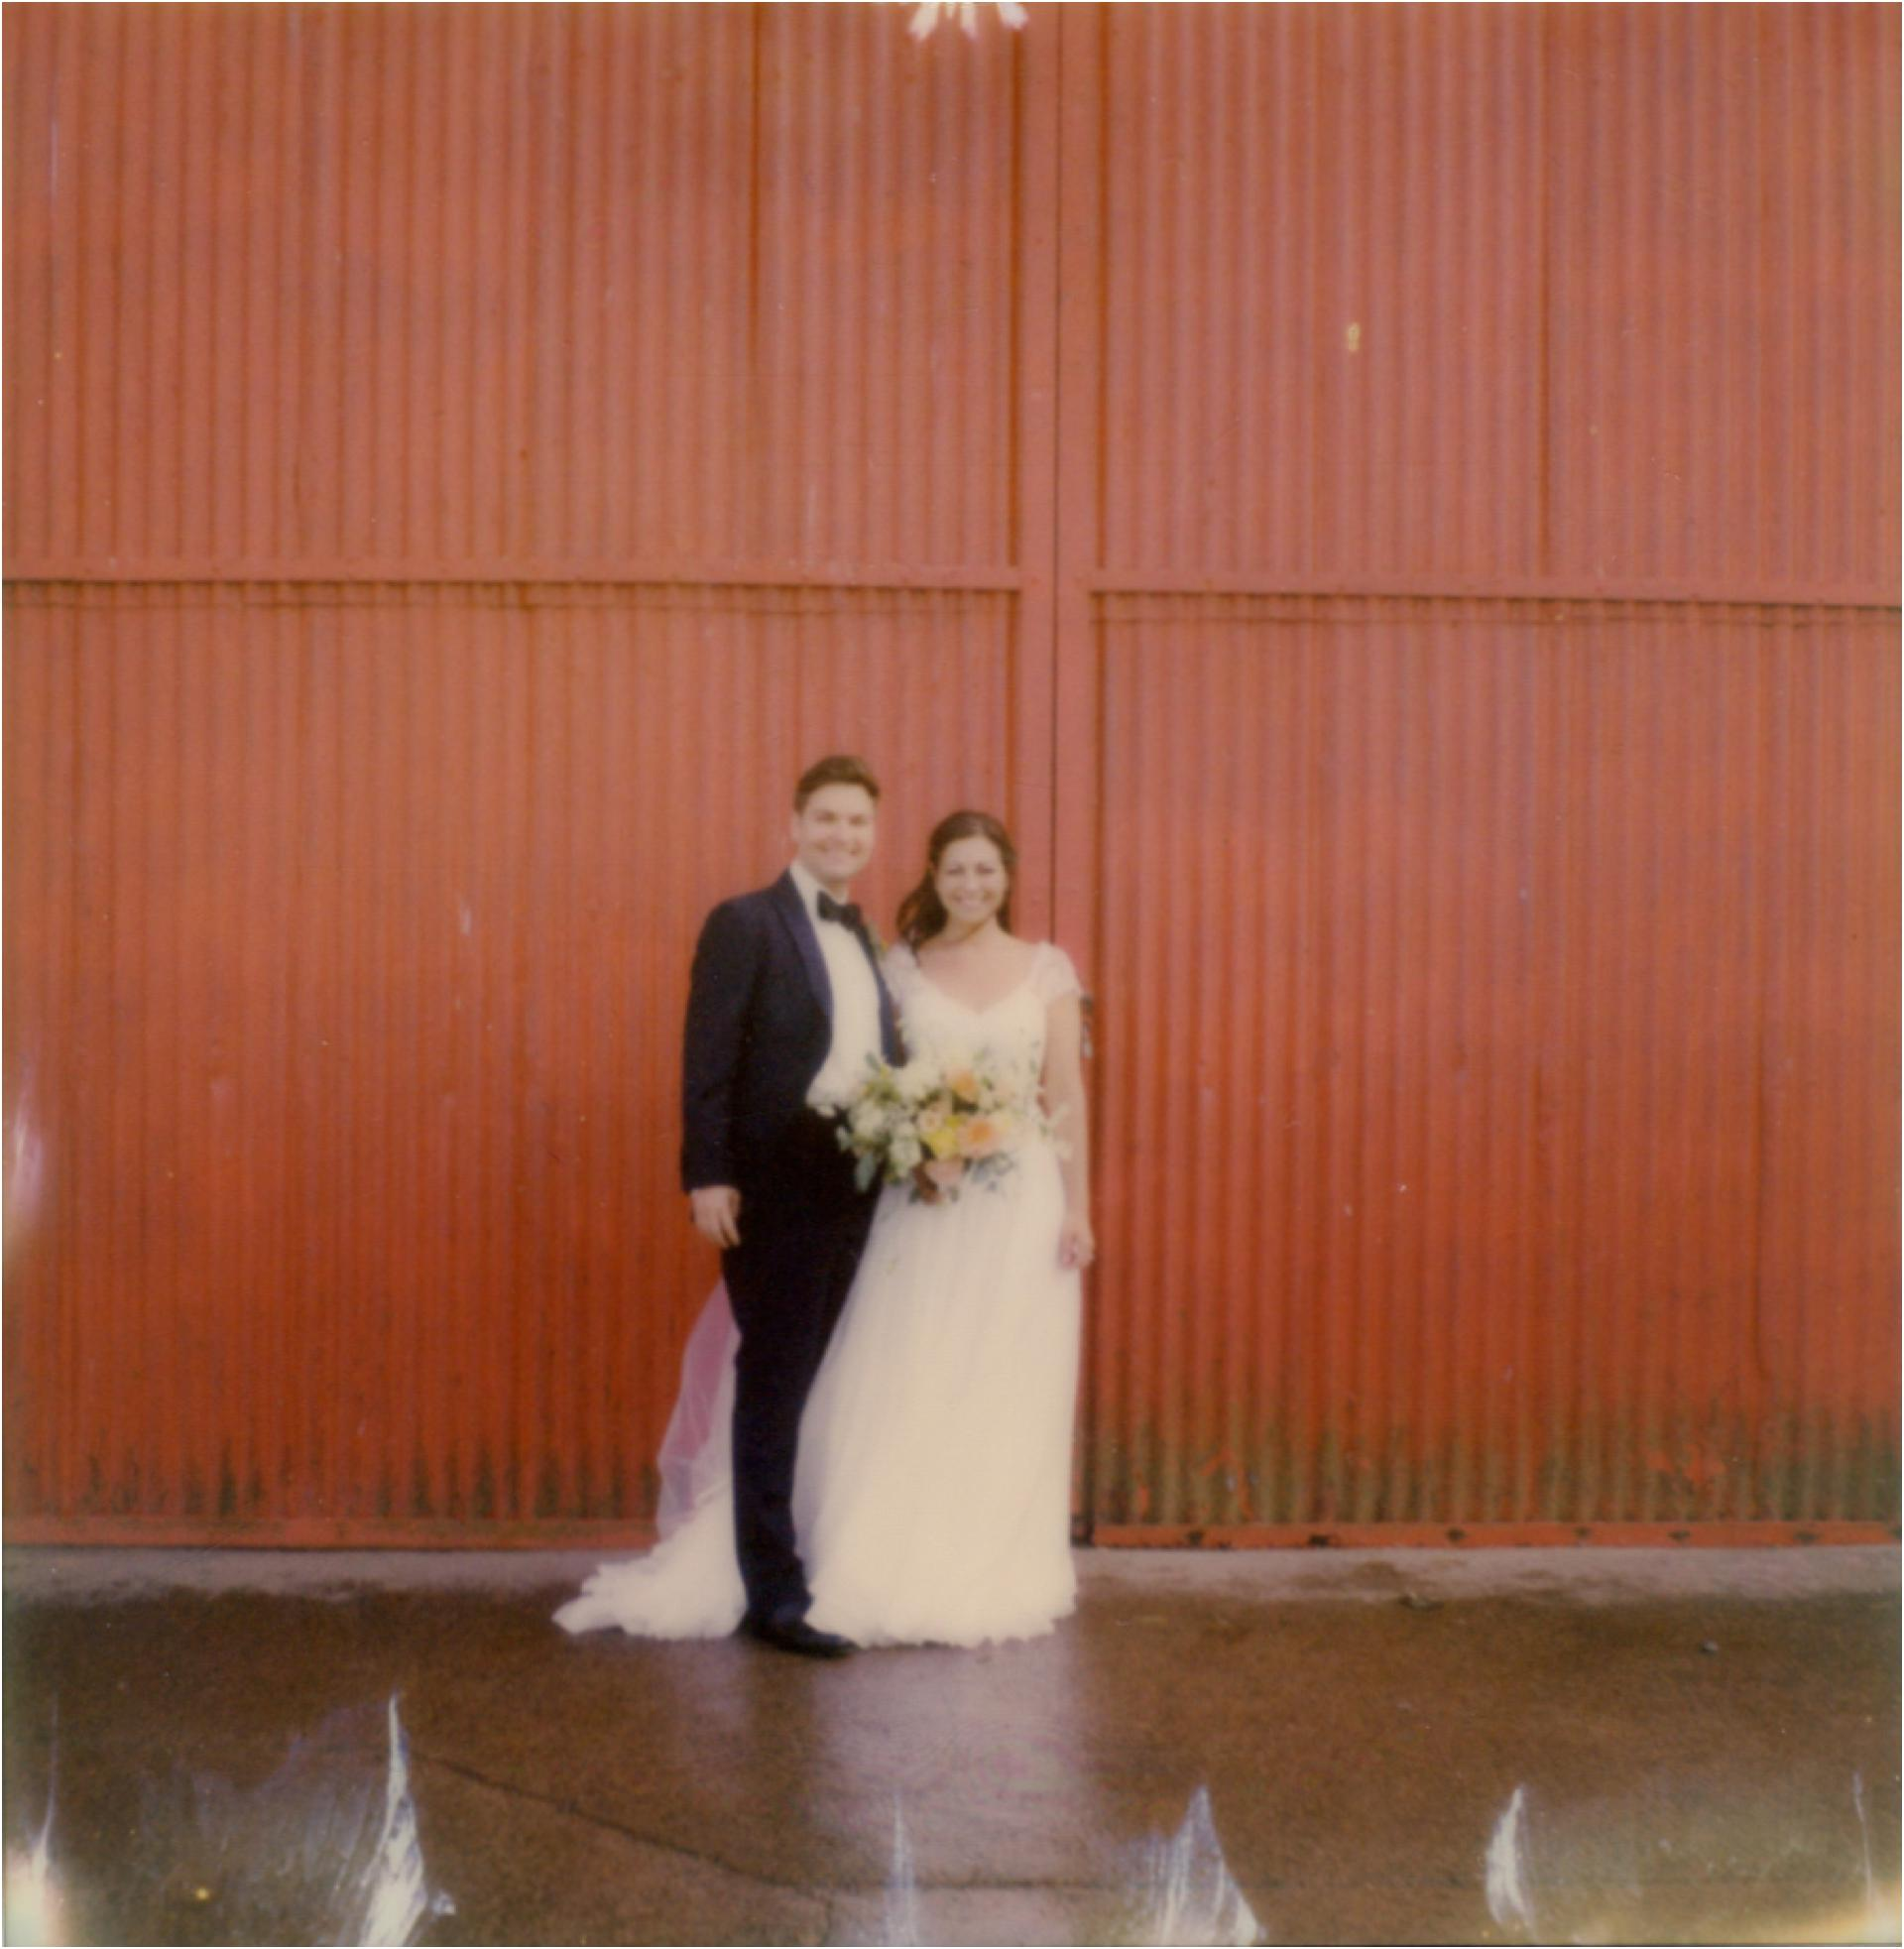 weddingsonfilmphotosbyzoe16